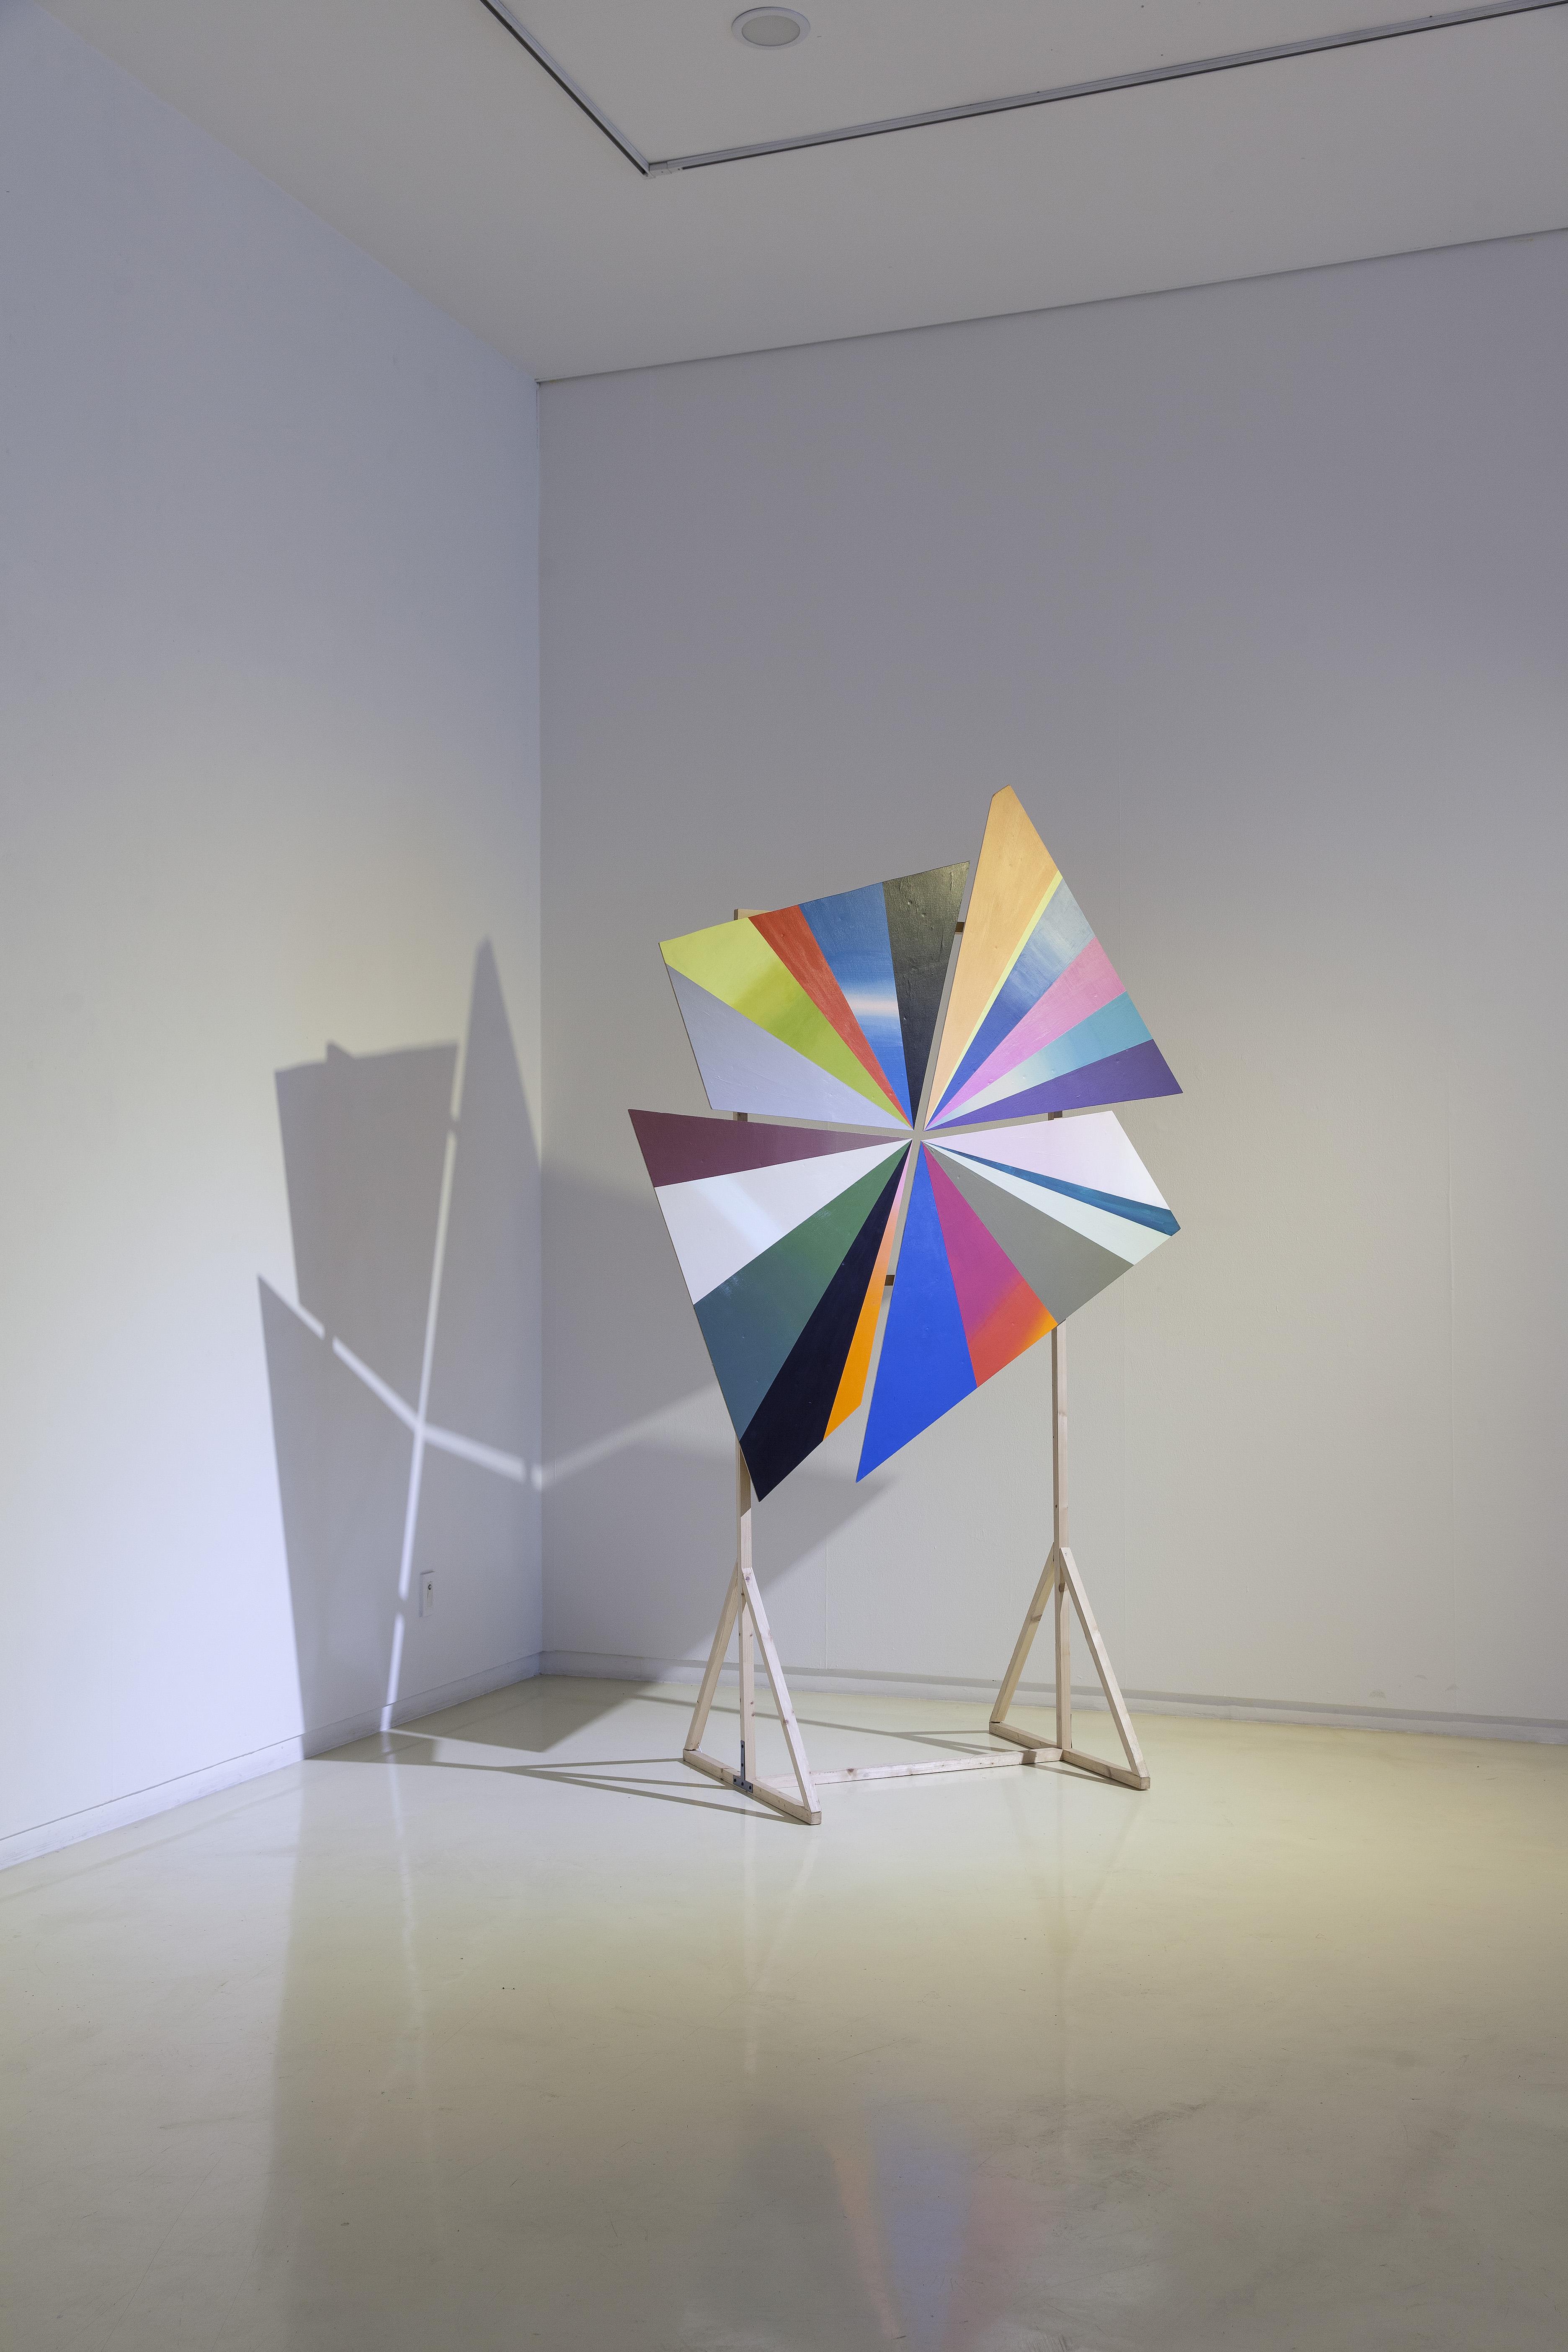 Light Mill_빛개비_acrylic on wood_255h x 160w x 80d_ 2016